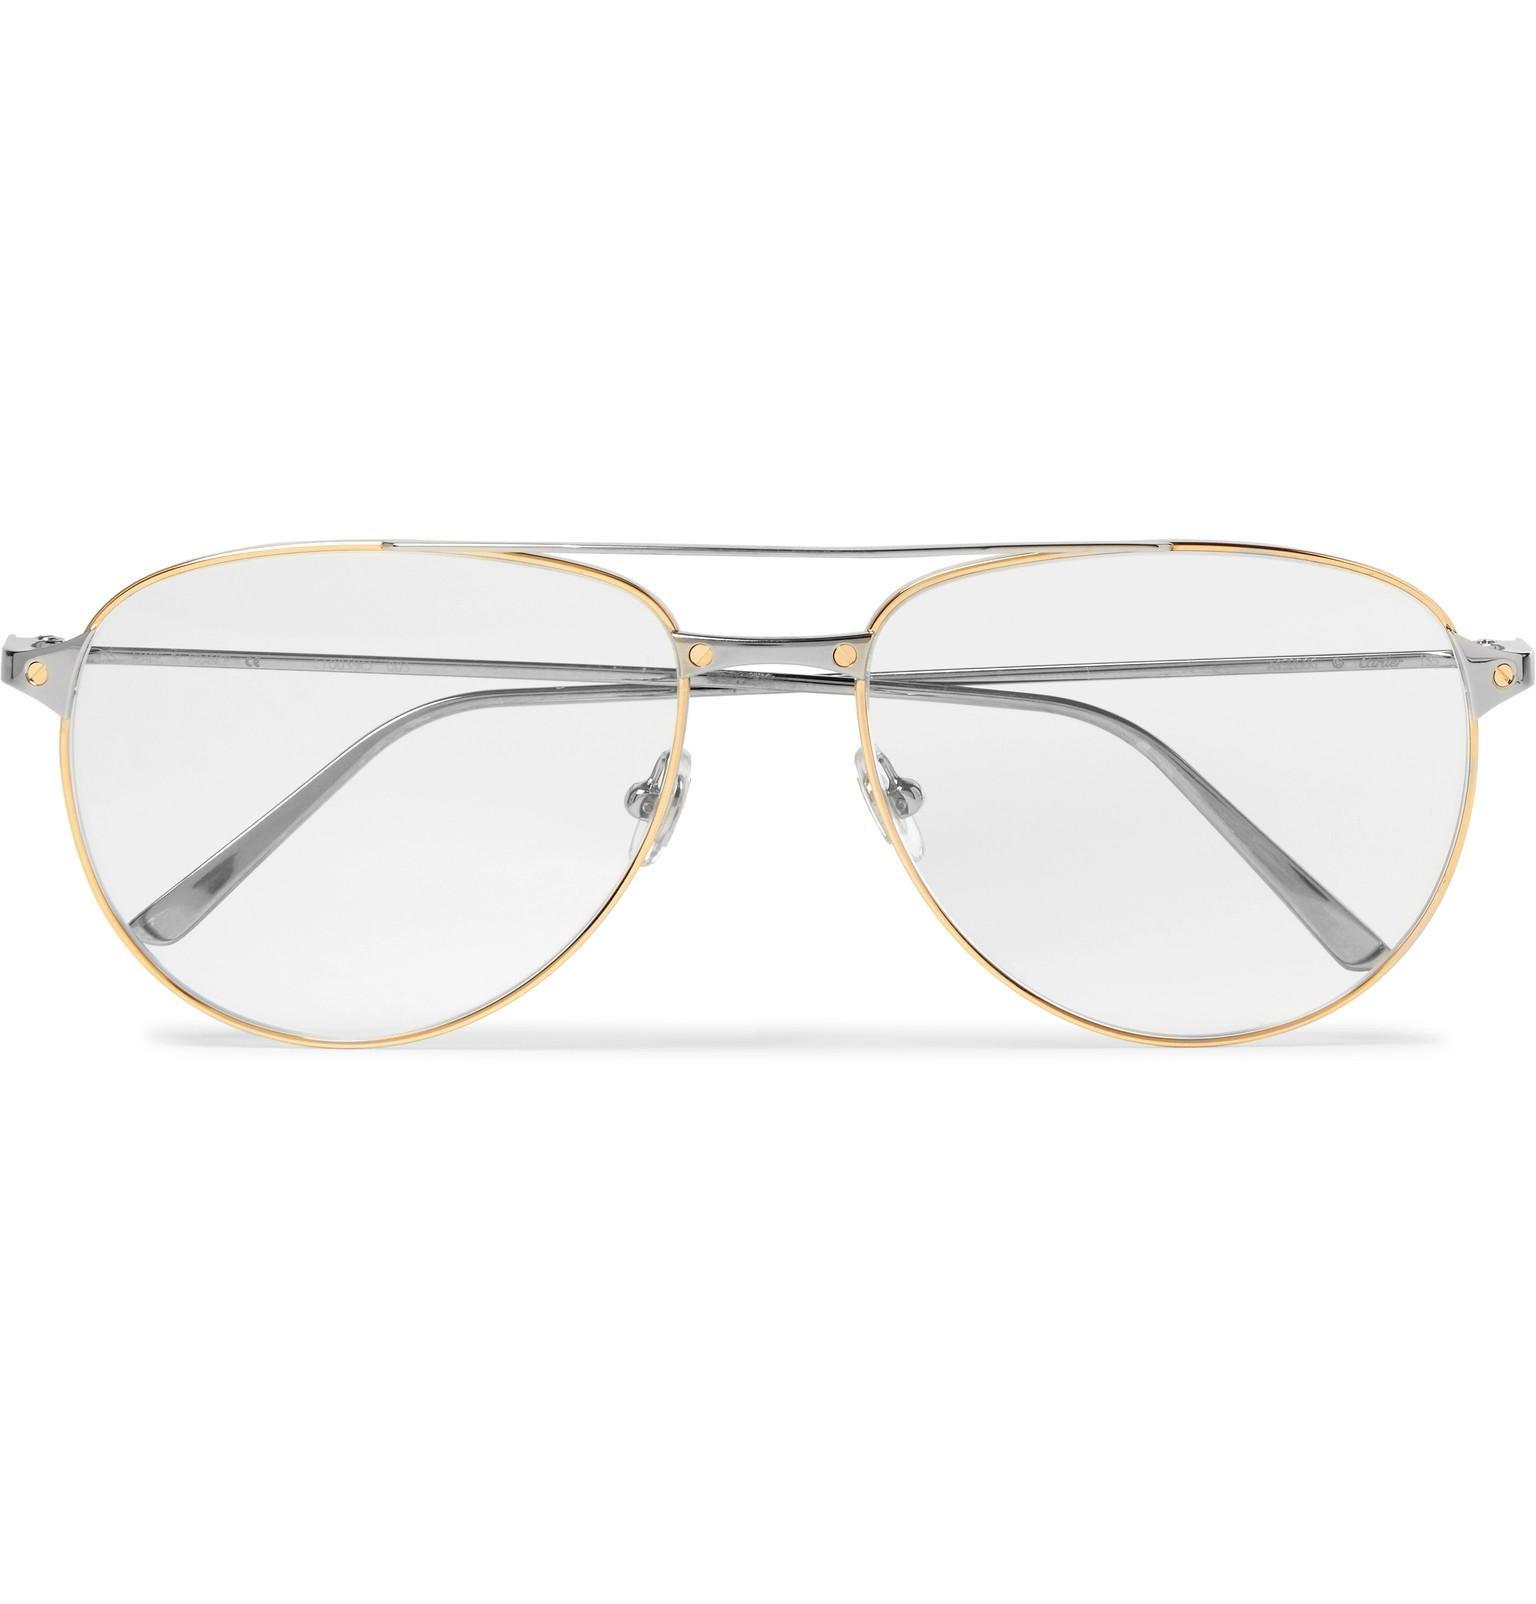 3dee15b309e4 Cartier Santos De Cartier Aviator-style Gold And Silver-tone Glasses ...